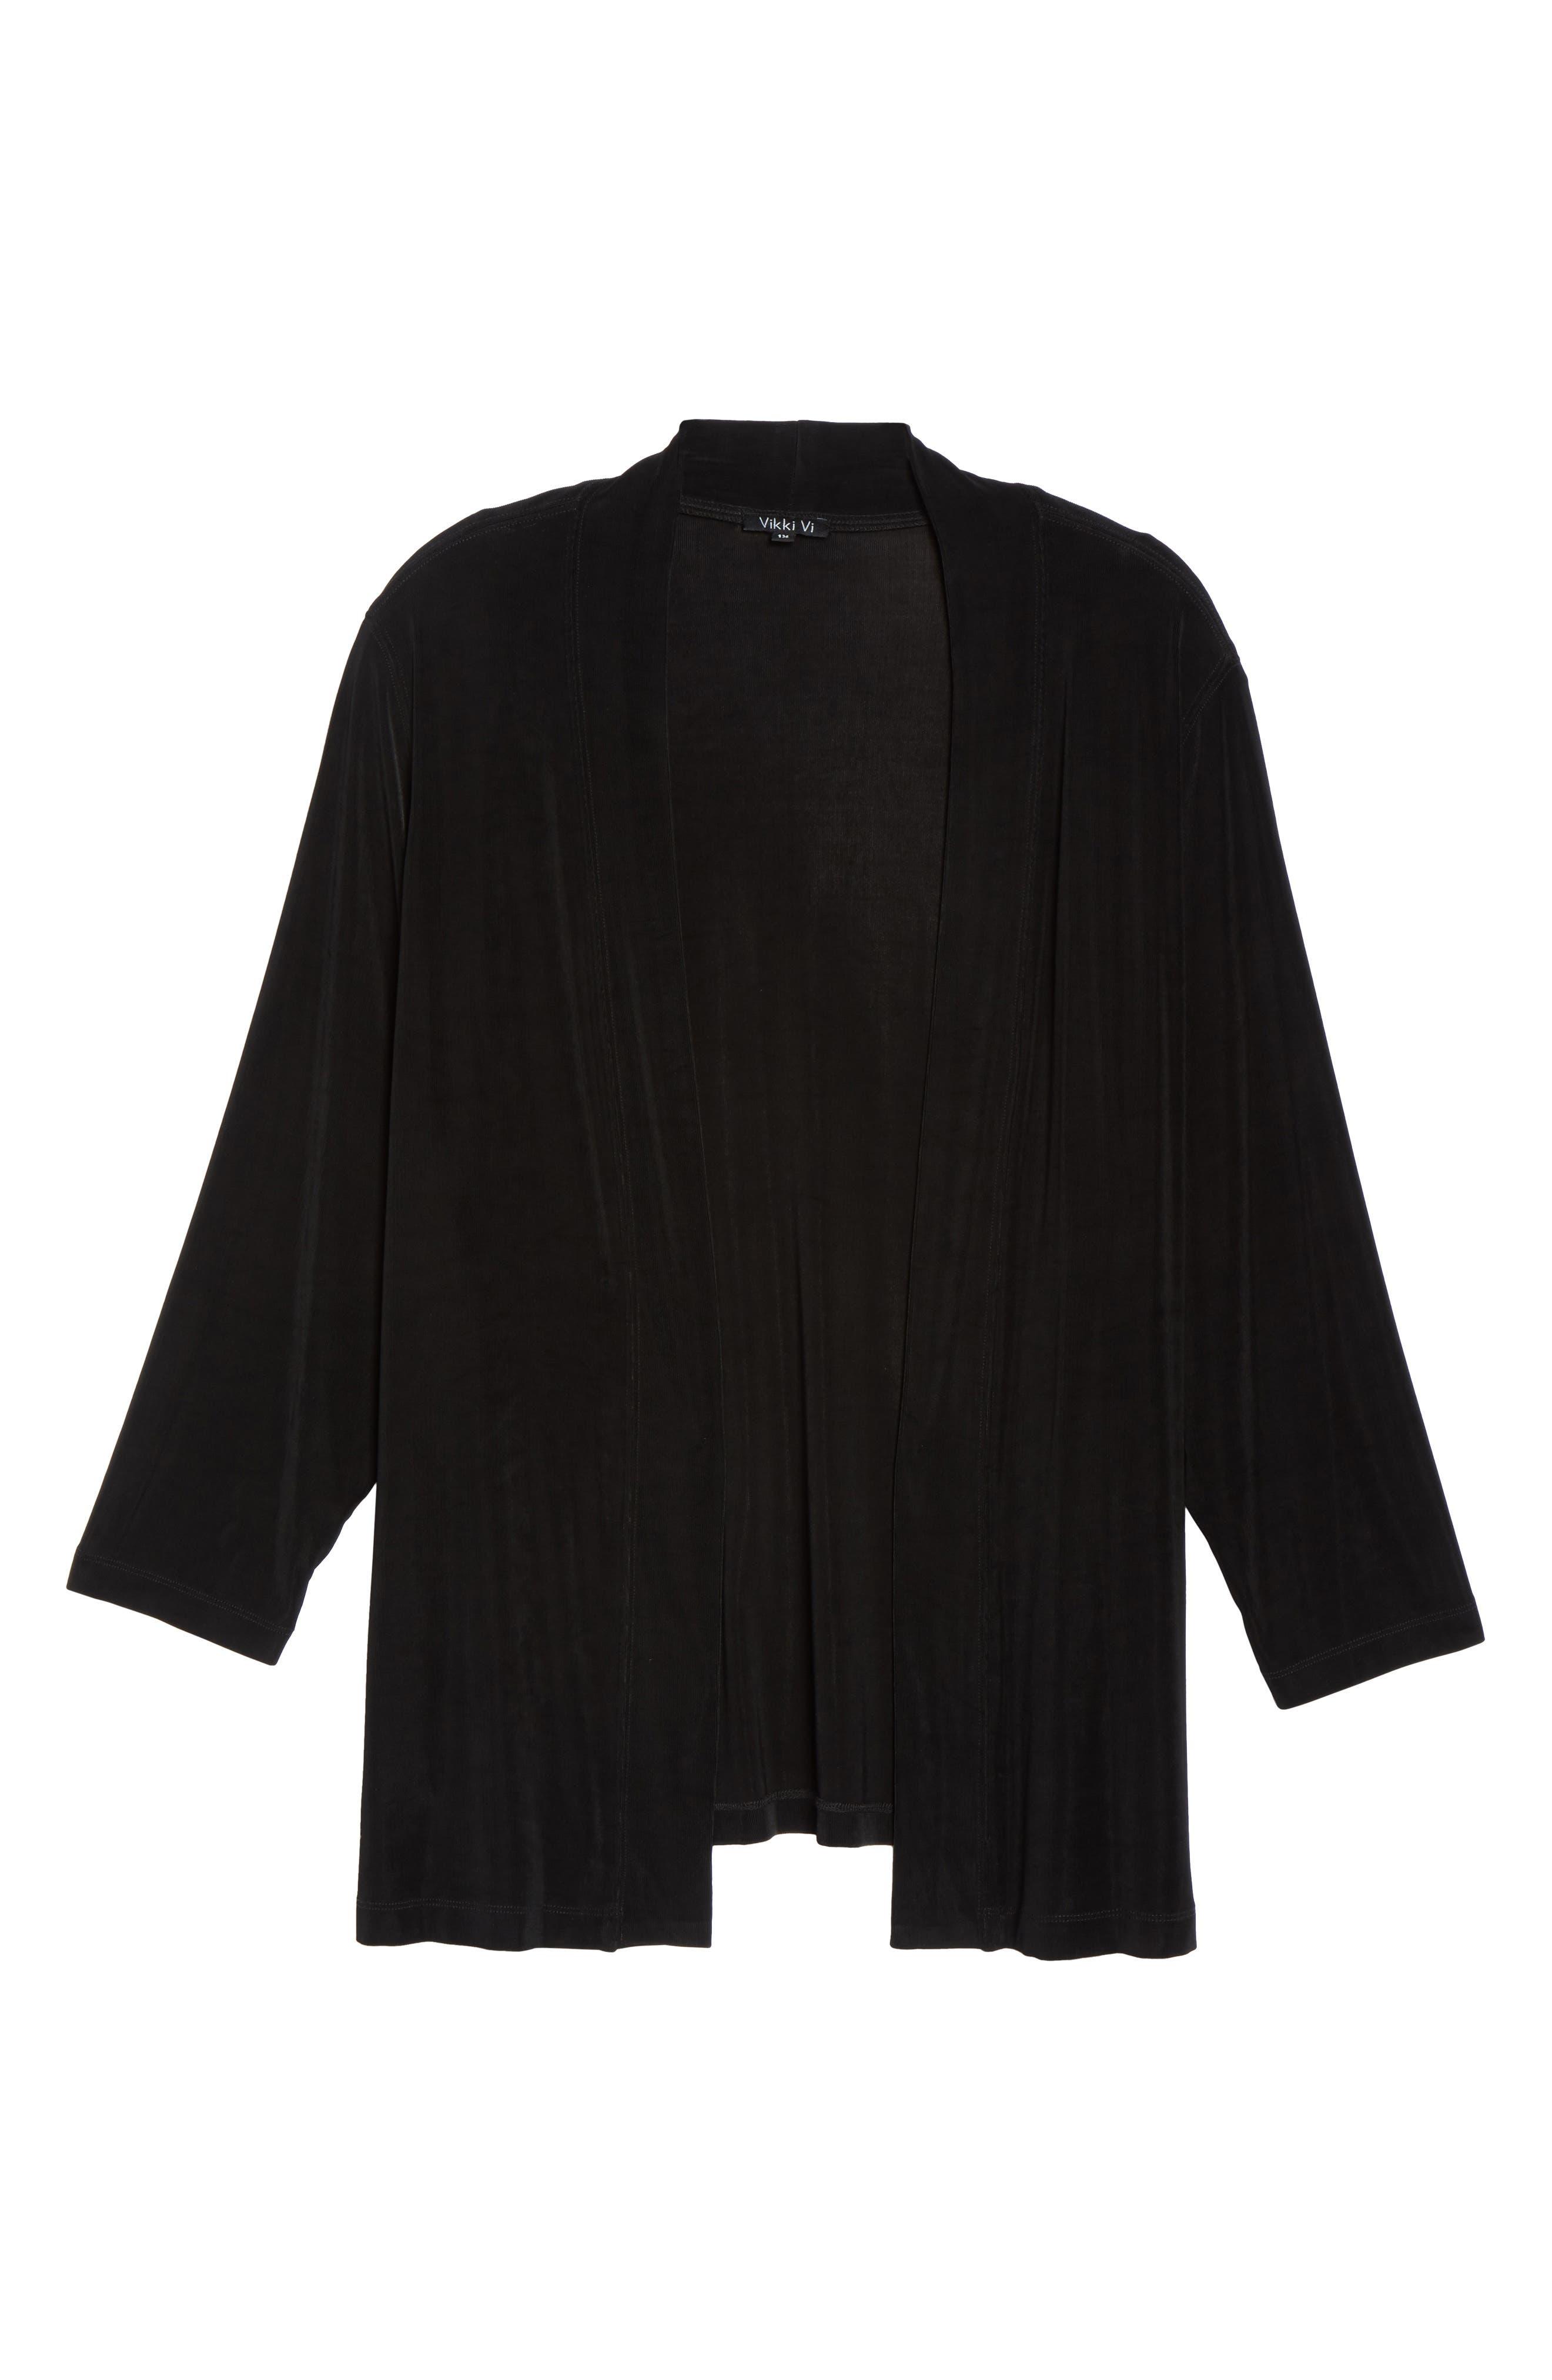 Kimono Cardigan,                             Alternate thumbnail 6, color,                             BLACK